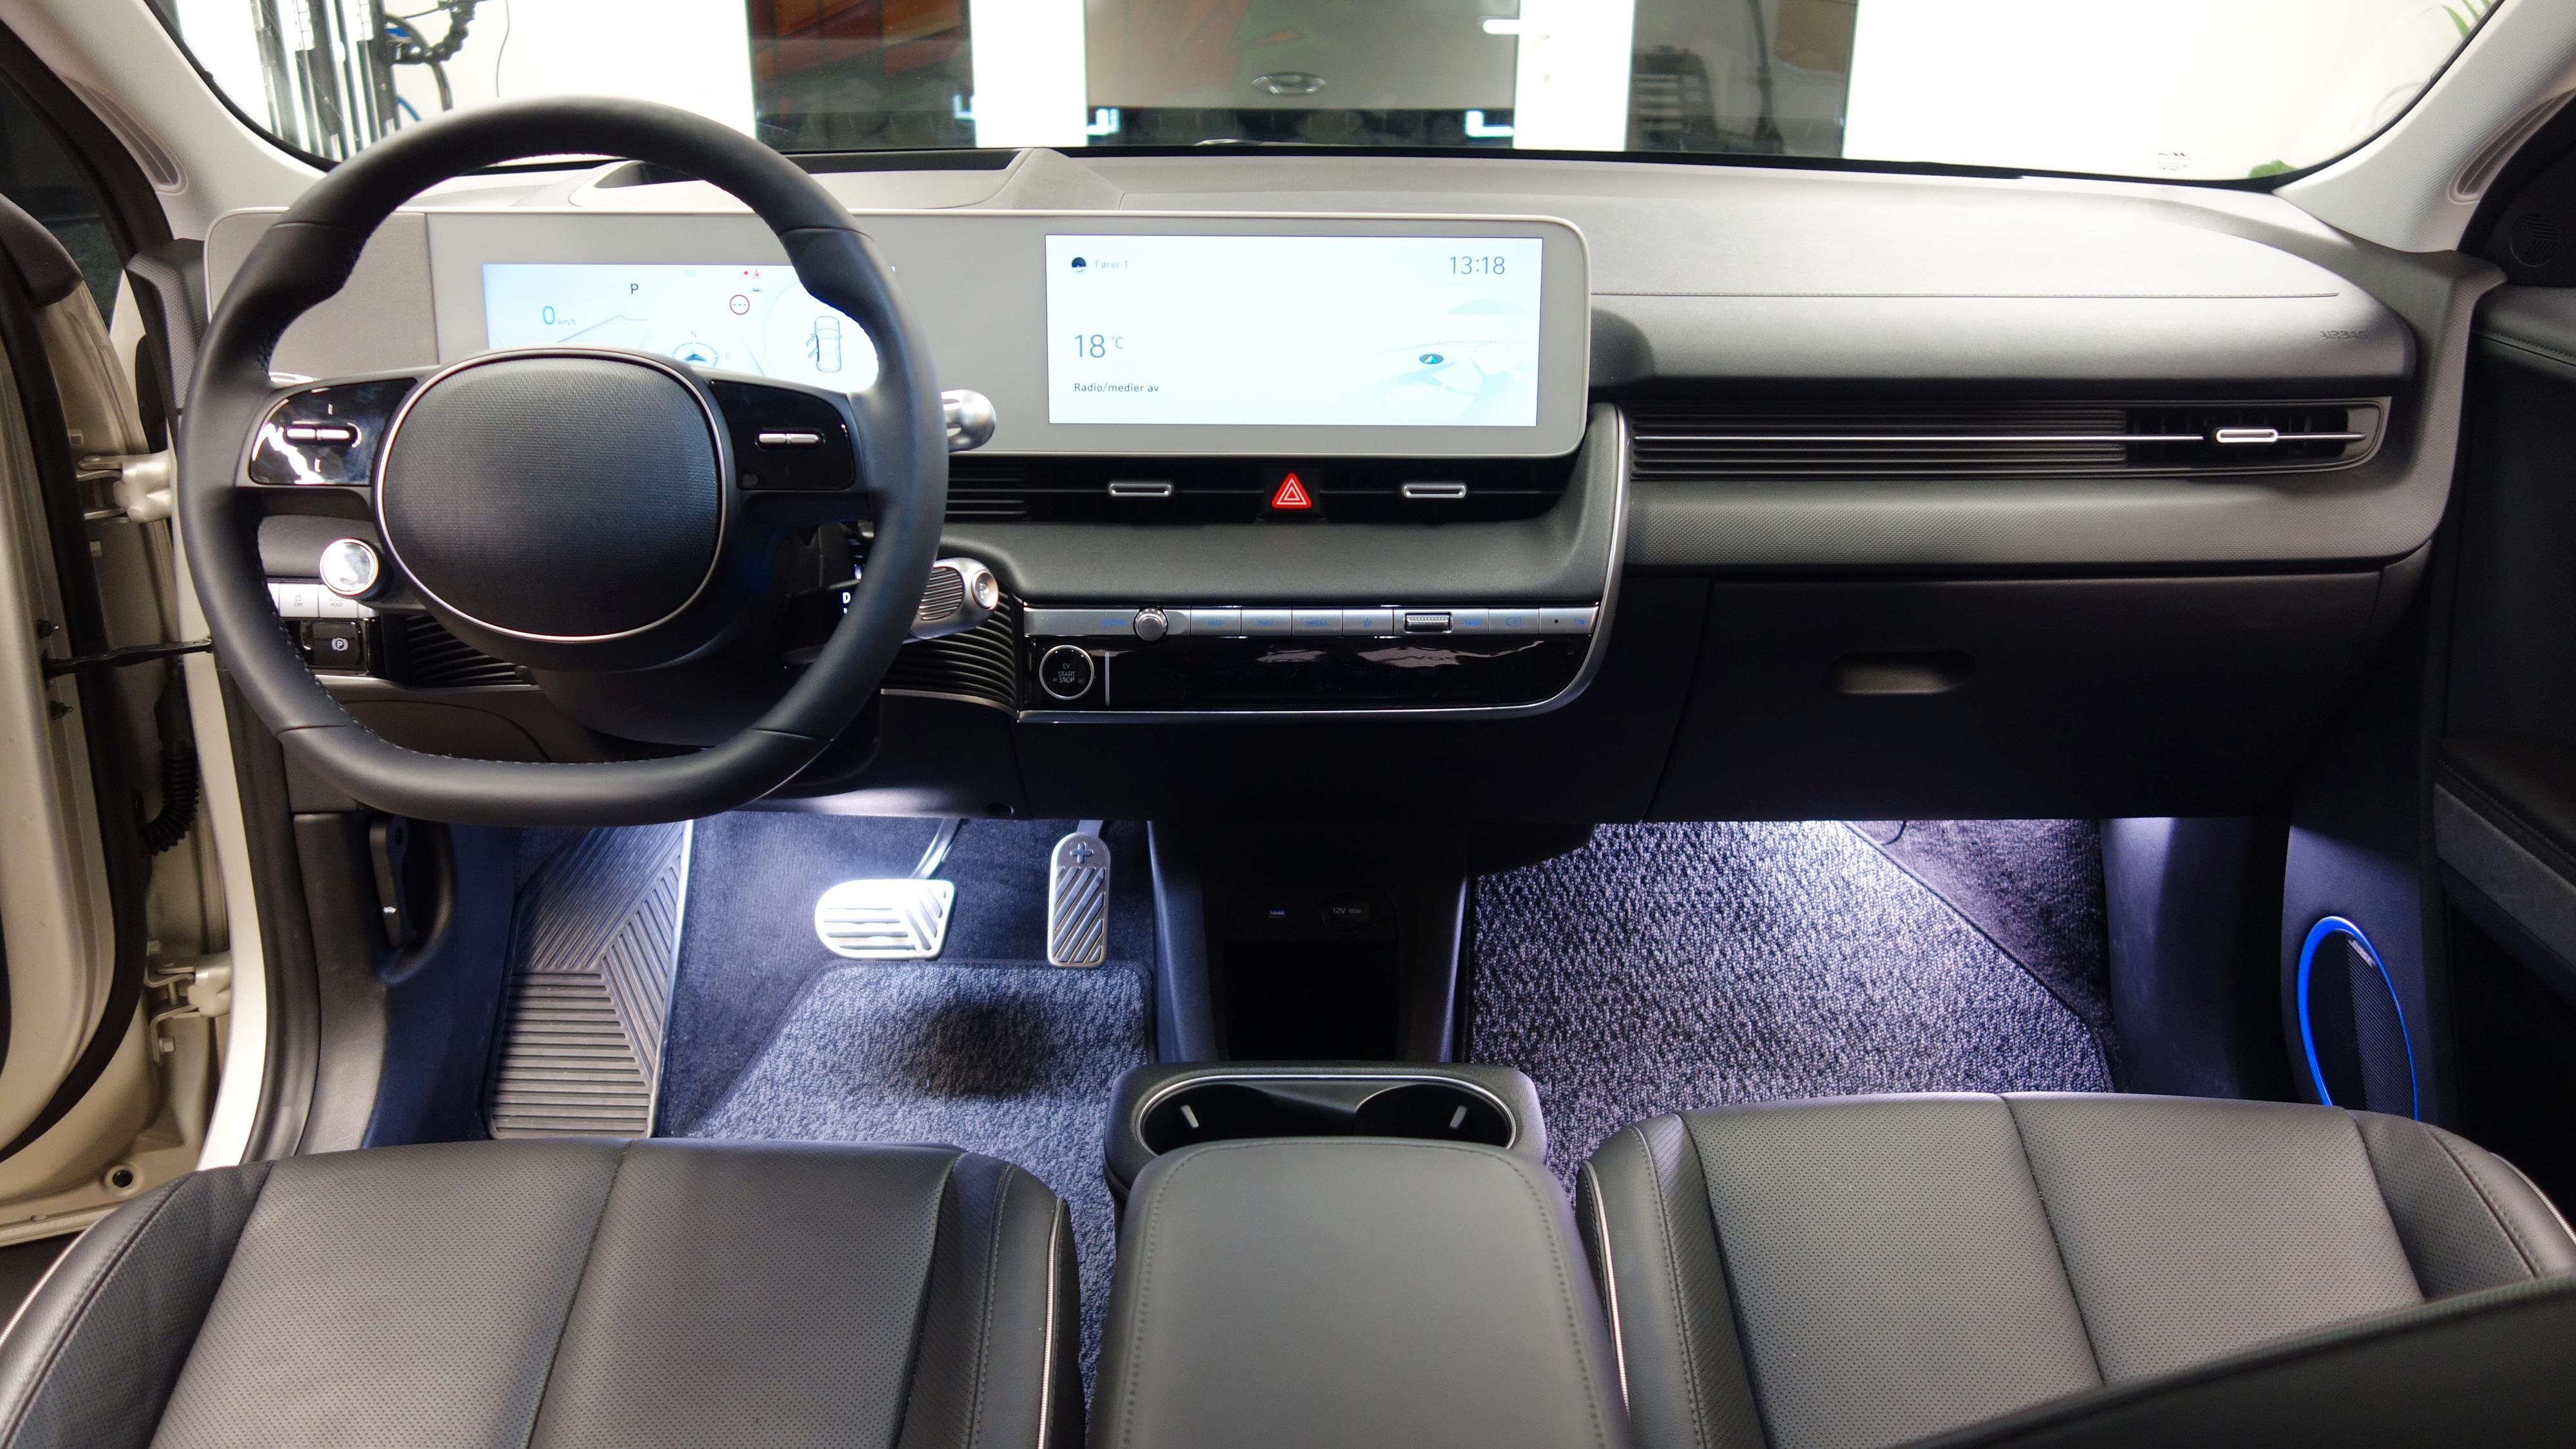 Ioniq 5 har et meget minimalistisk førermiljø, med meget god plass til beina.